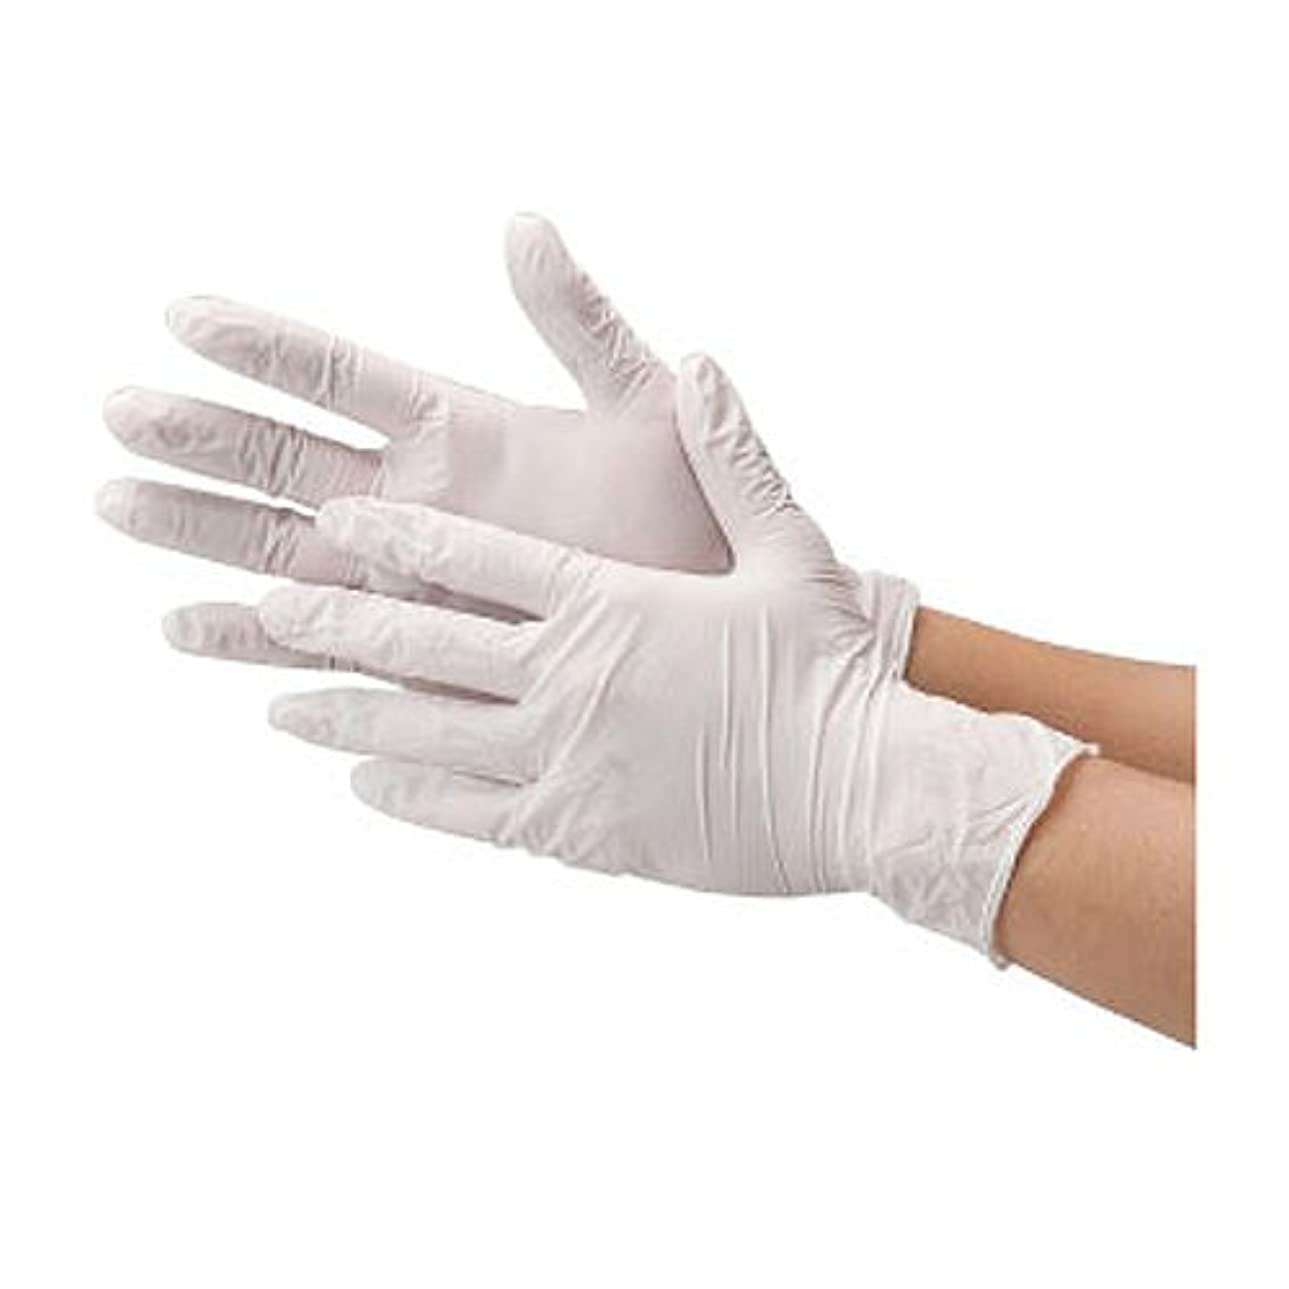 脆い学校の先生幾分川西工業 ニトリル 使いきり手袋 ストロング 粉無 100枚入り 2037 ホワイトS